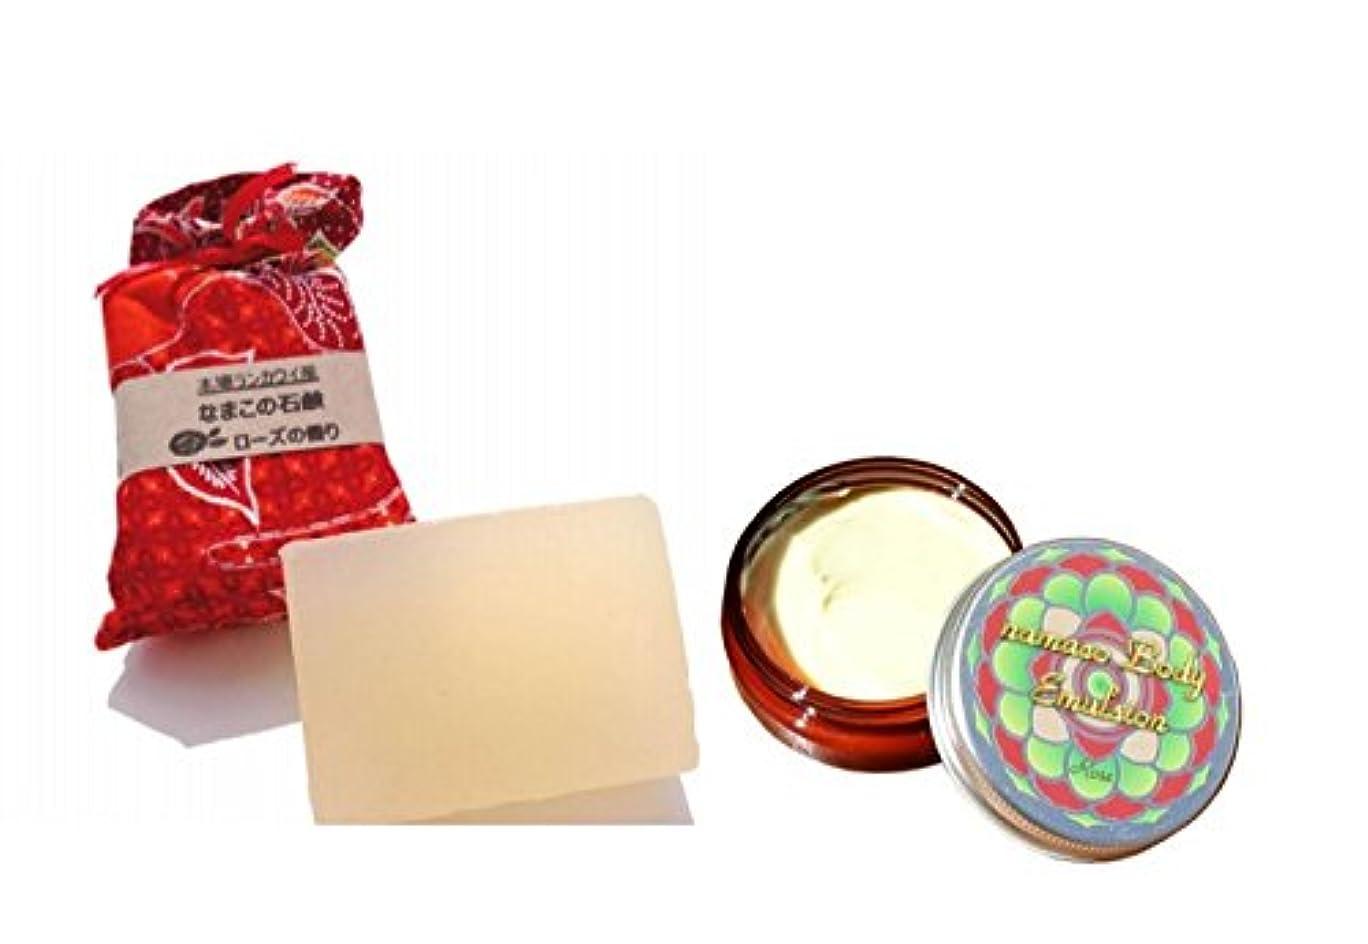 アラート重荷傷跡なまこローズセット なまこ石鹸90g+なまこBODYエマルジョン50g(なまこクリーム)